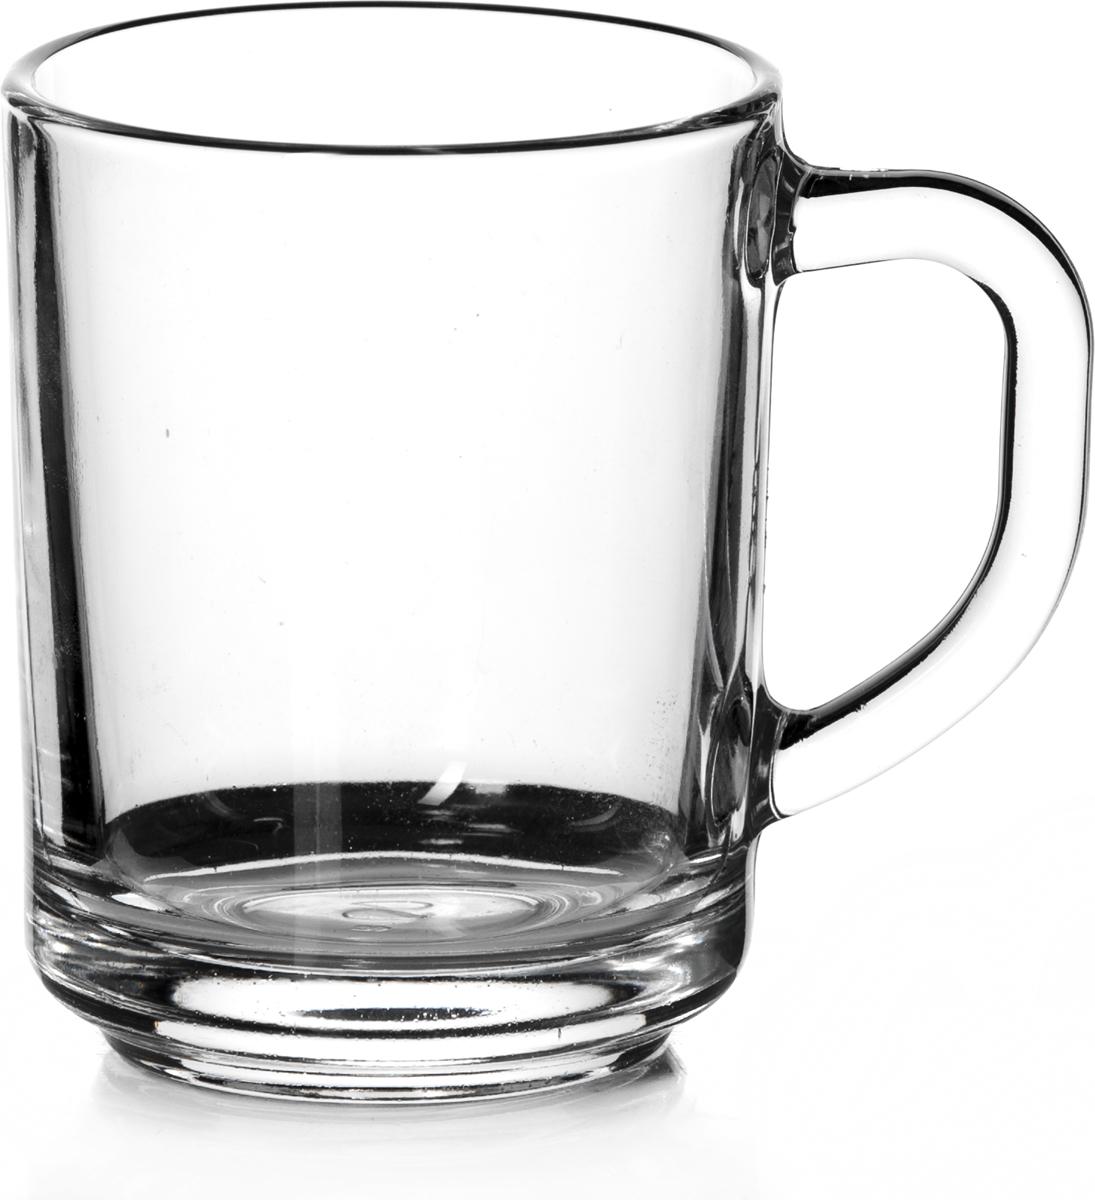 Кружка Pasabahce Паб55029SLBTКружка Pasabahce Паб с ручкой для чая, прозрачная из закаленного стекла идеально подходит для сервировки стола. Кружка не только украсит ваш кухонный стол, но и подчеркнет прекрасный вкус хозяйки.